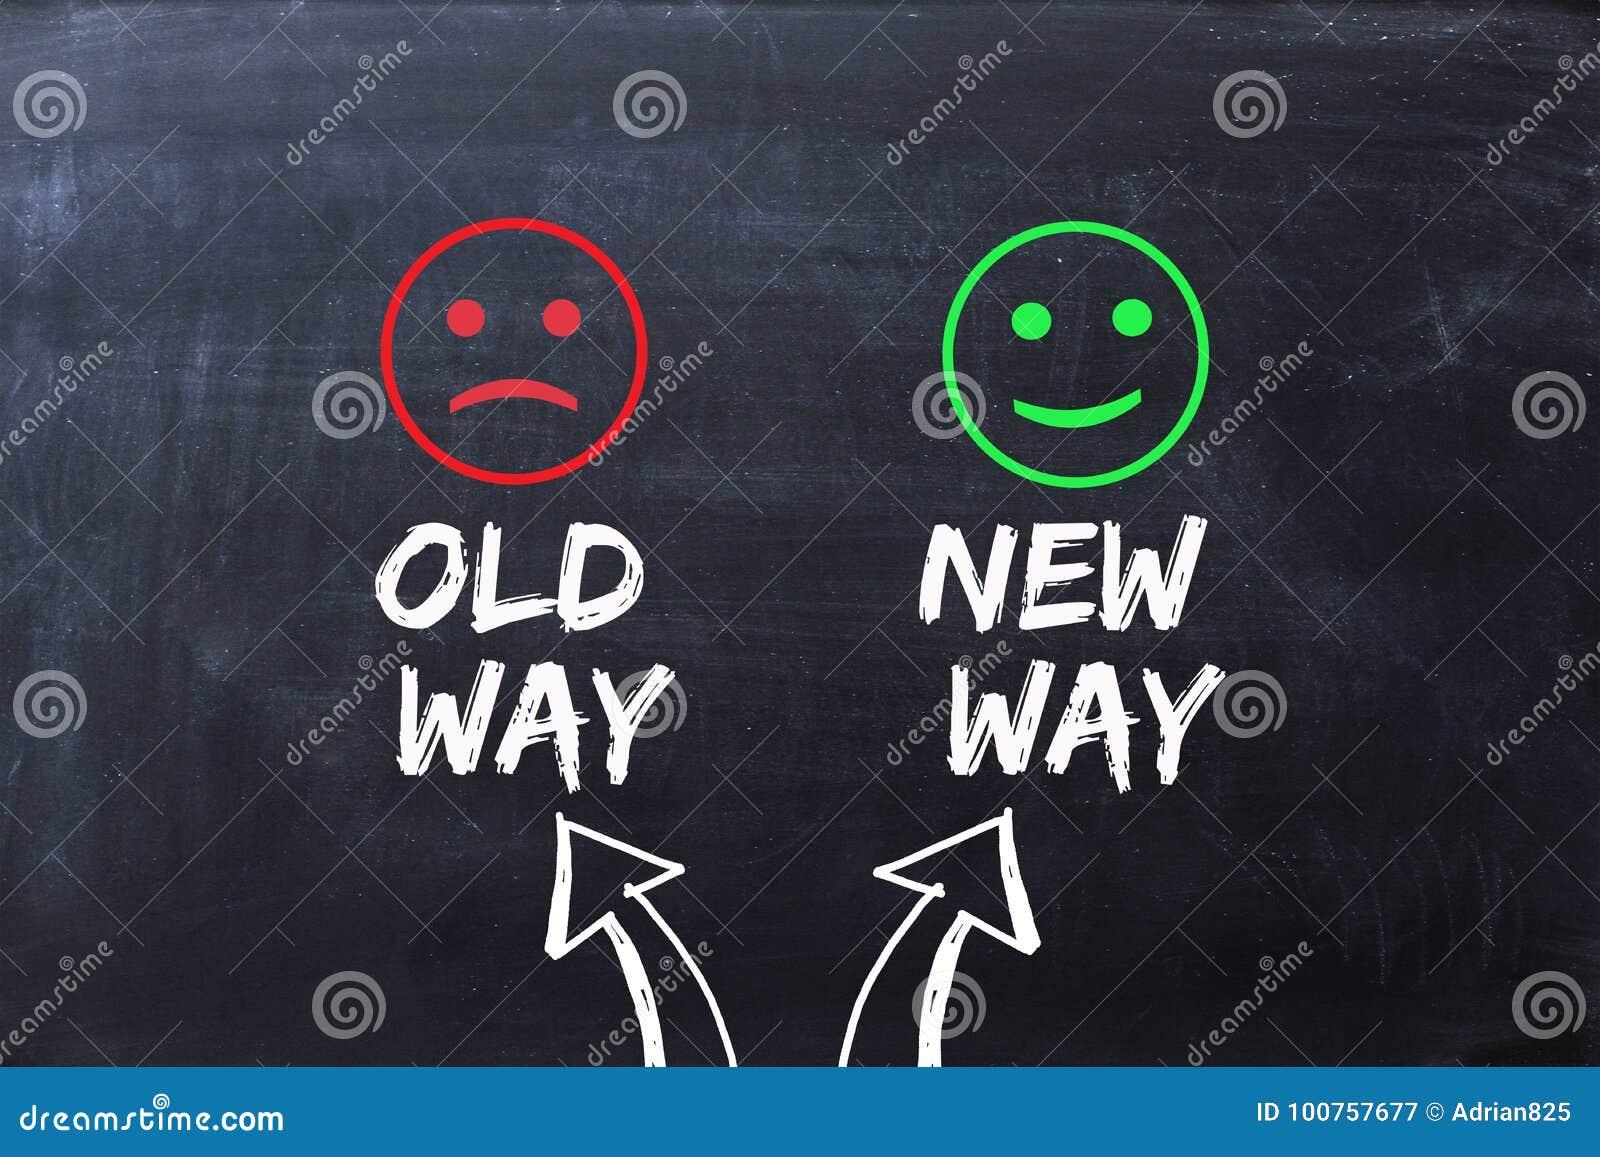 Différence entre la vieille manière et nouvelle la manière, illustrées avec les visages heureux et tristes sur le tableau